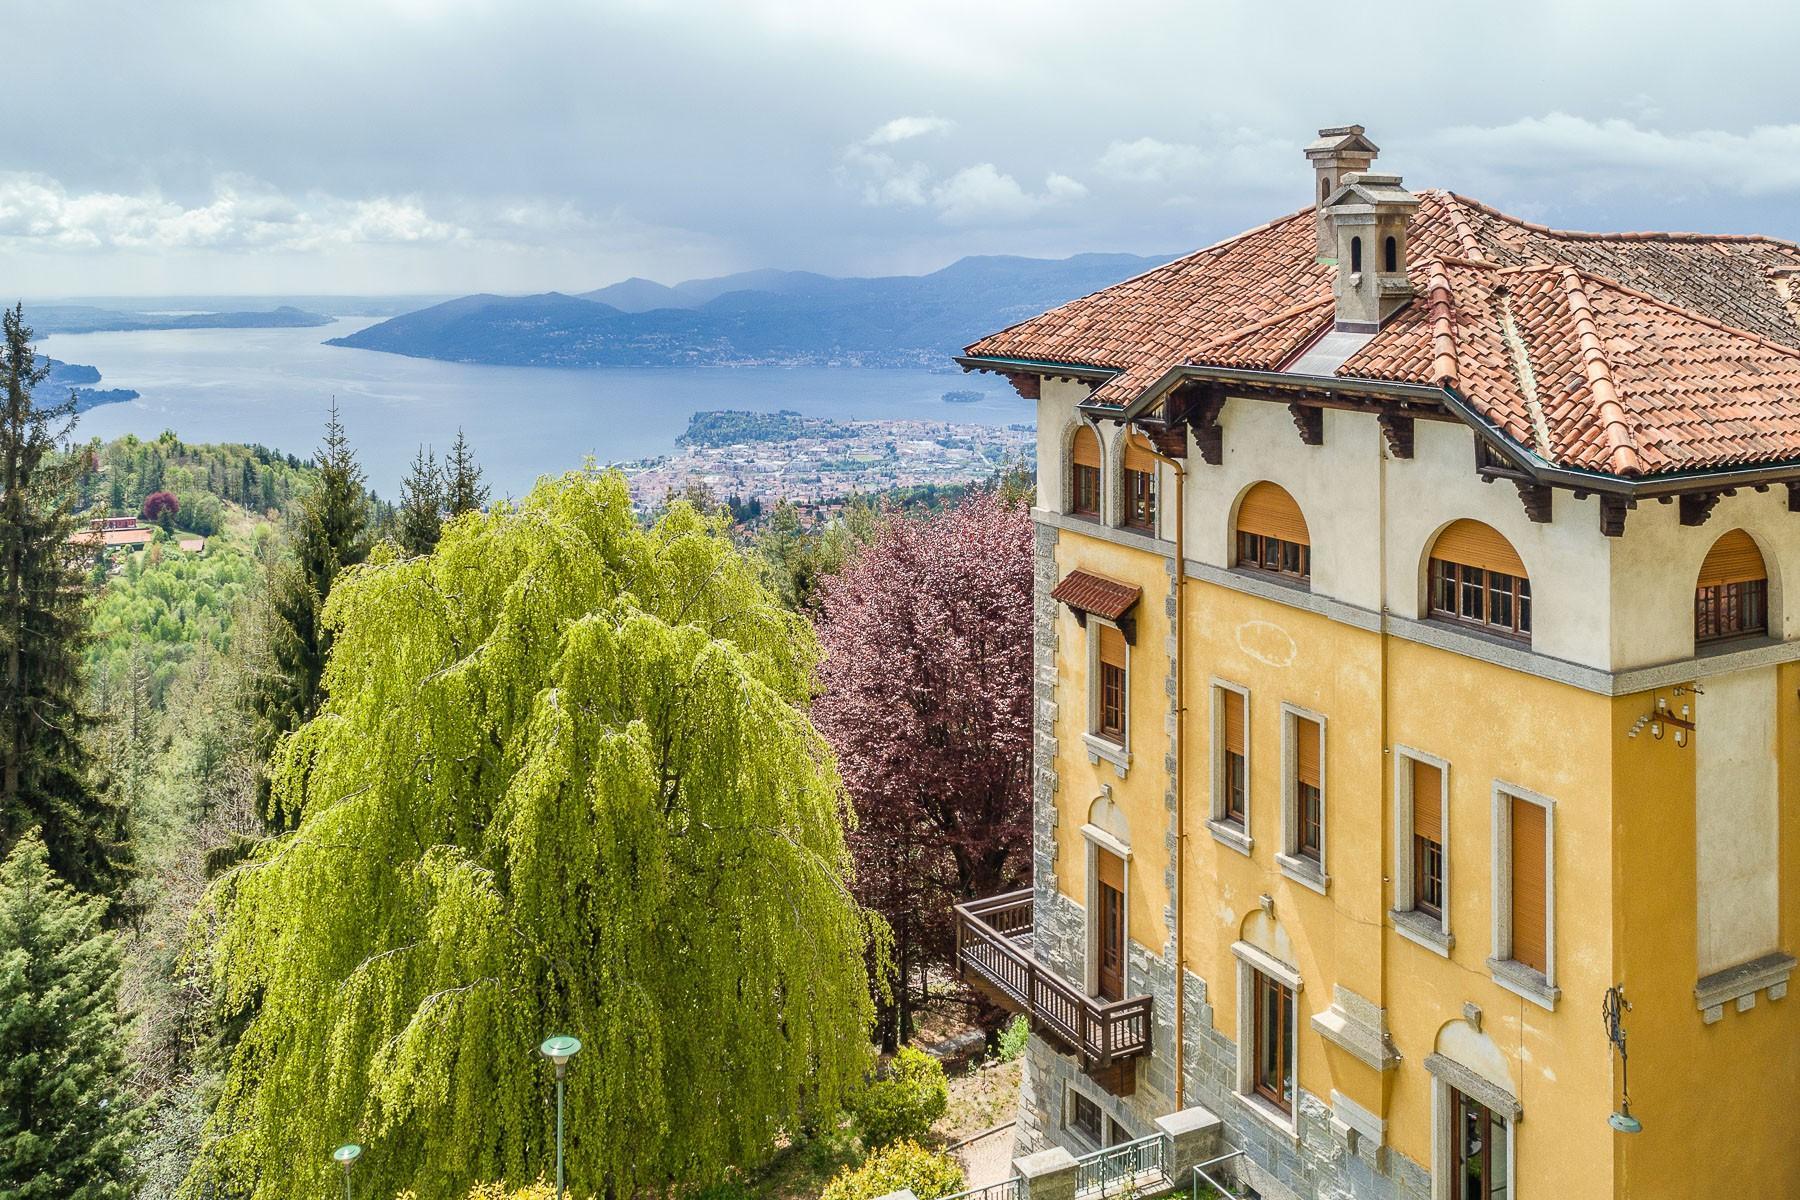 Villa storica in parco centenario sul lago Maggiore - 4